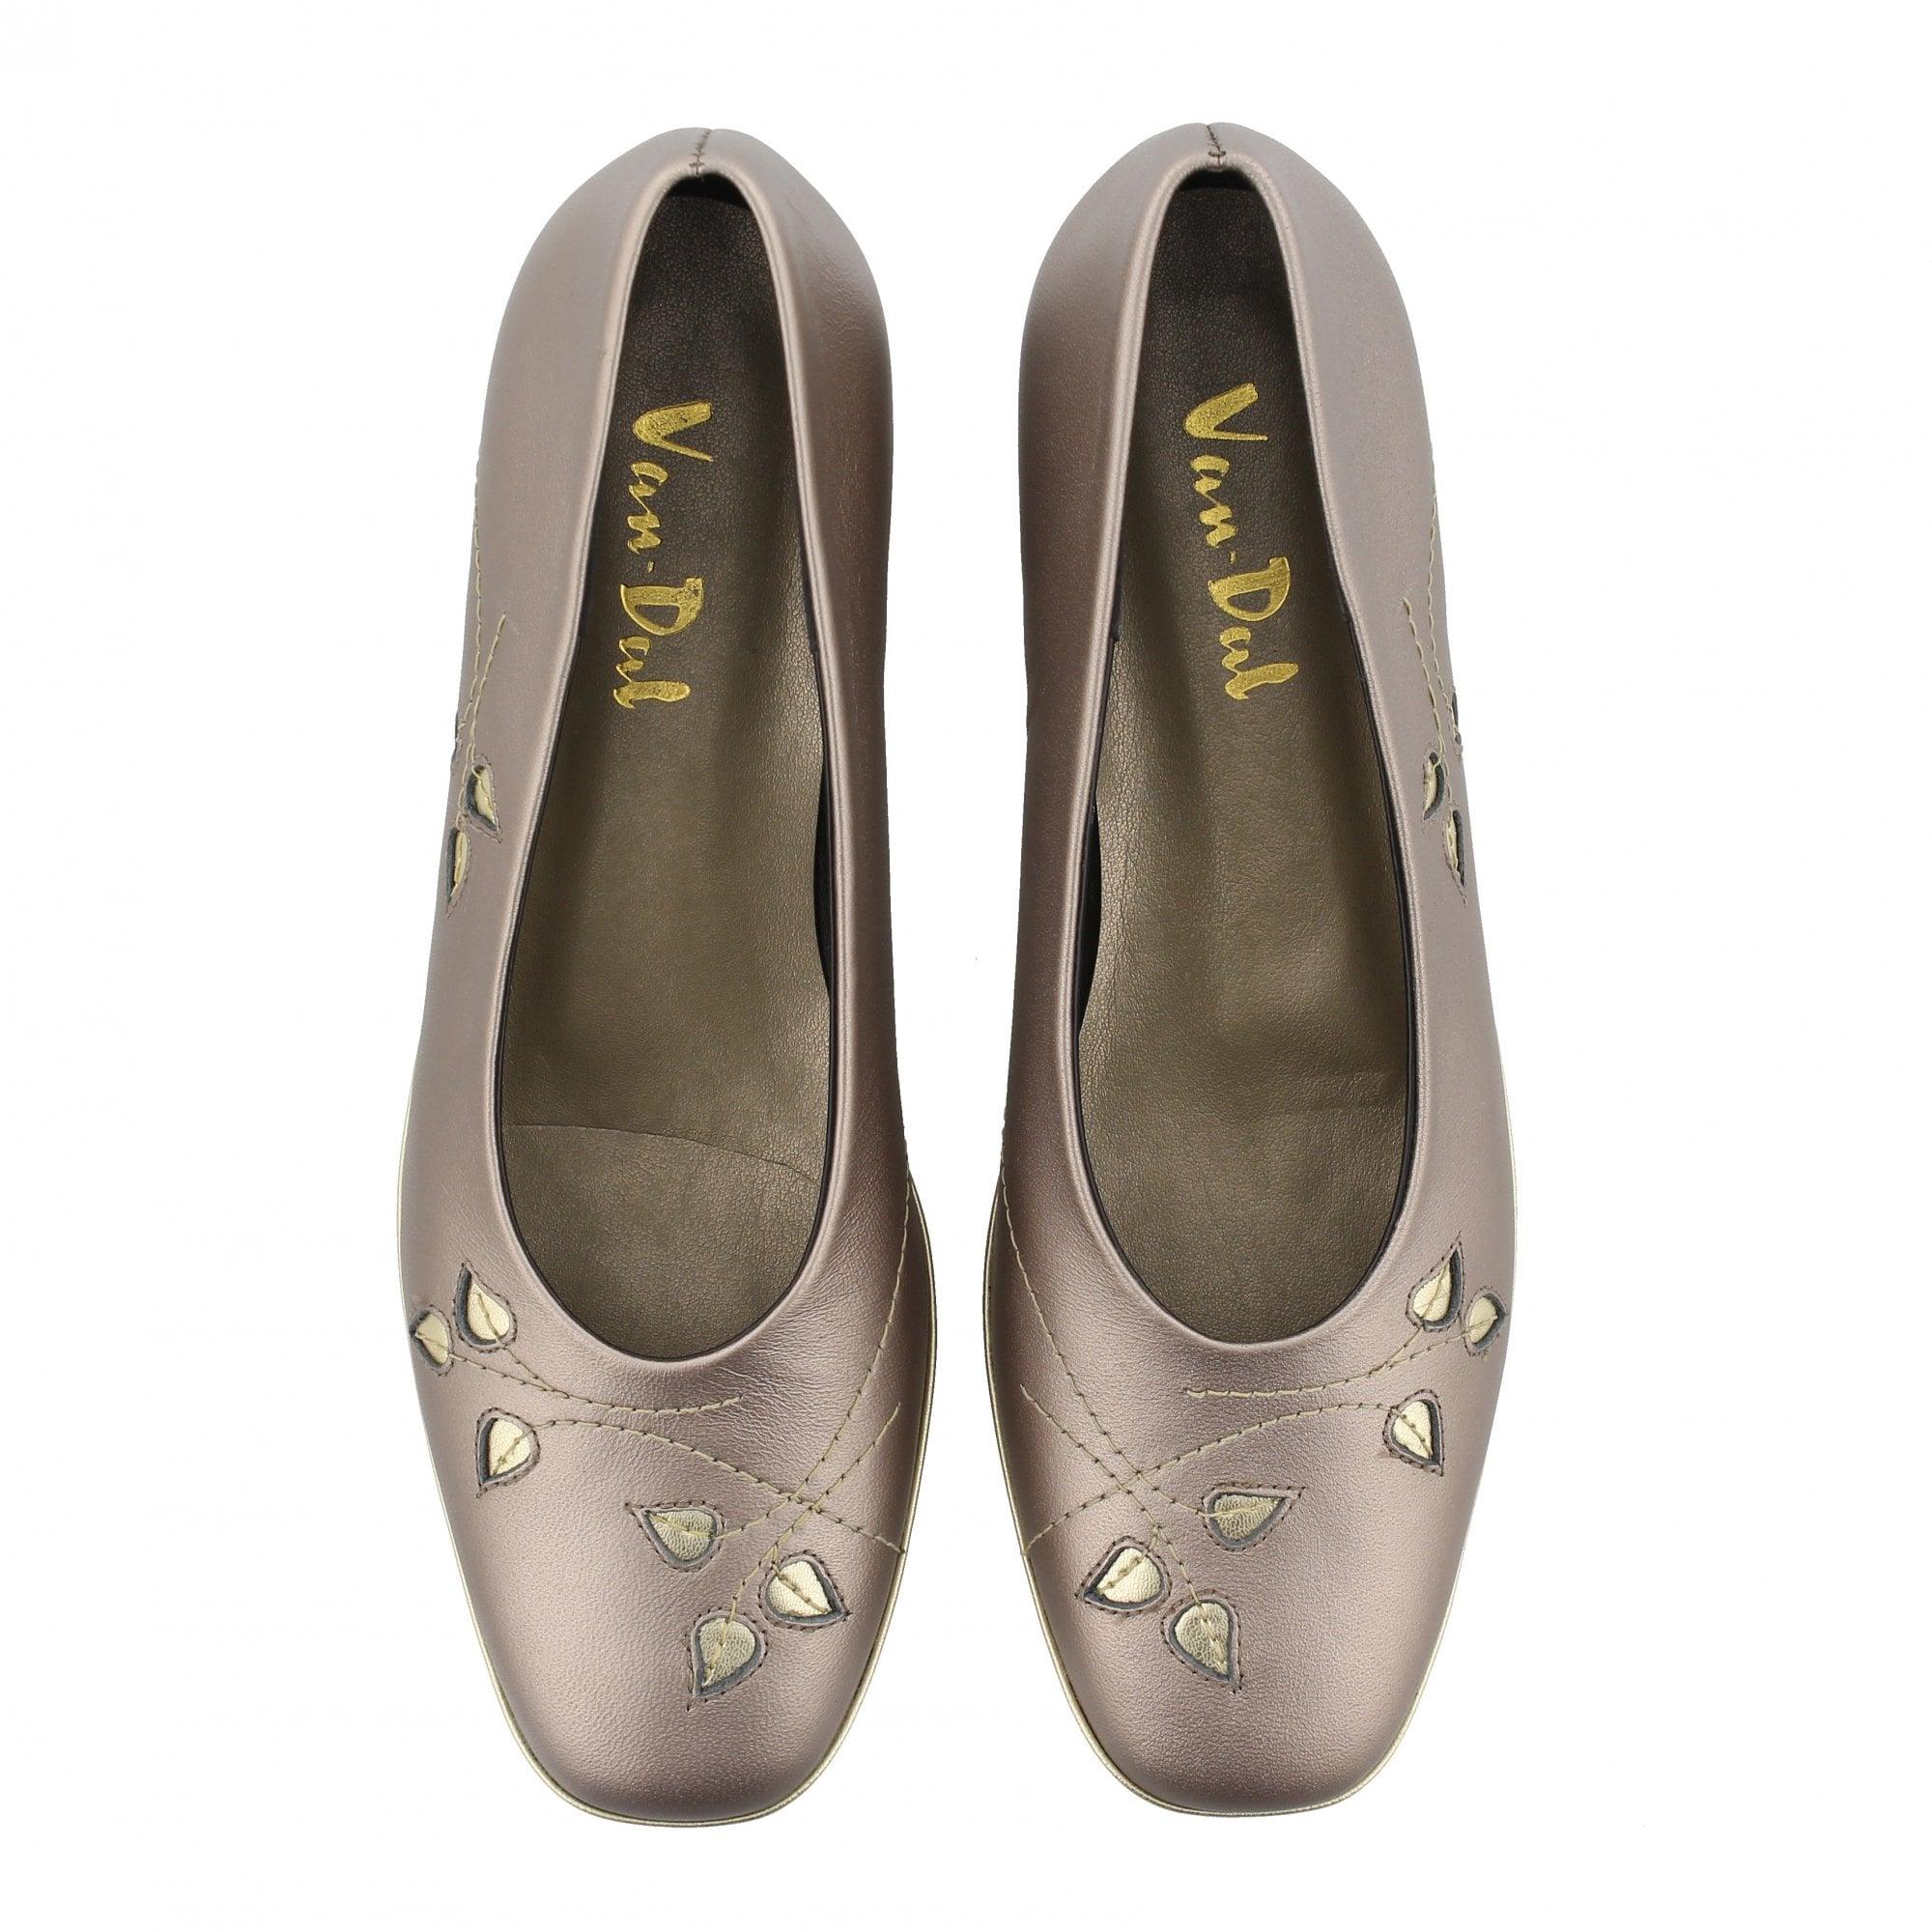 6618bfef3d206b Van Dal Venice II 1367950 Womens Shoes